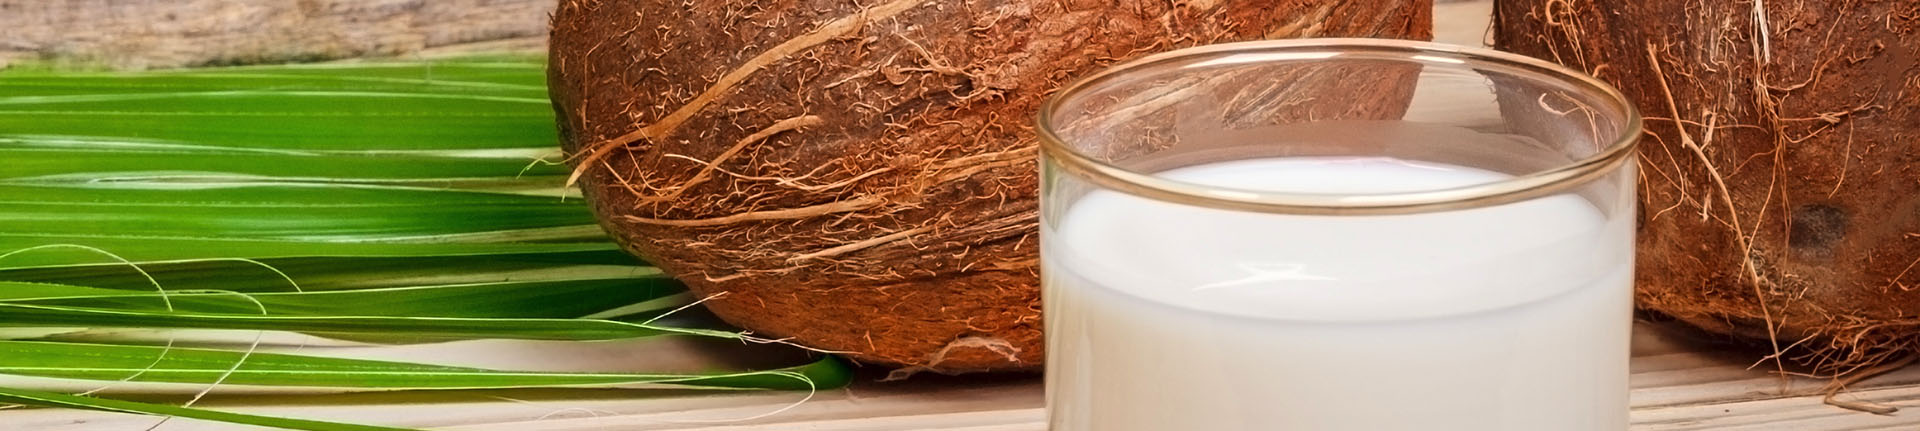 Leite de coco caseiro e vegano